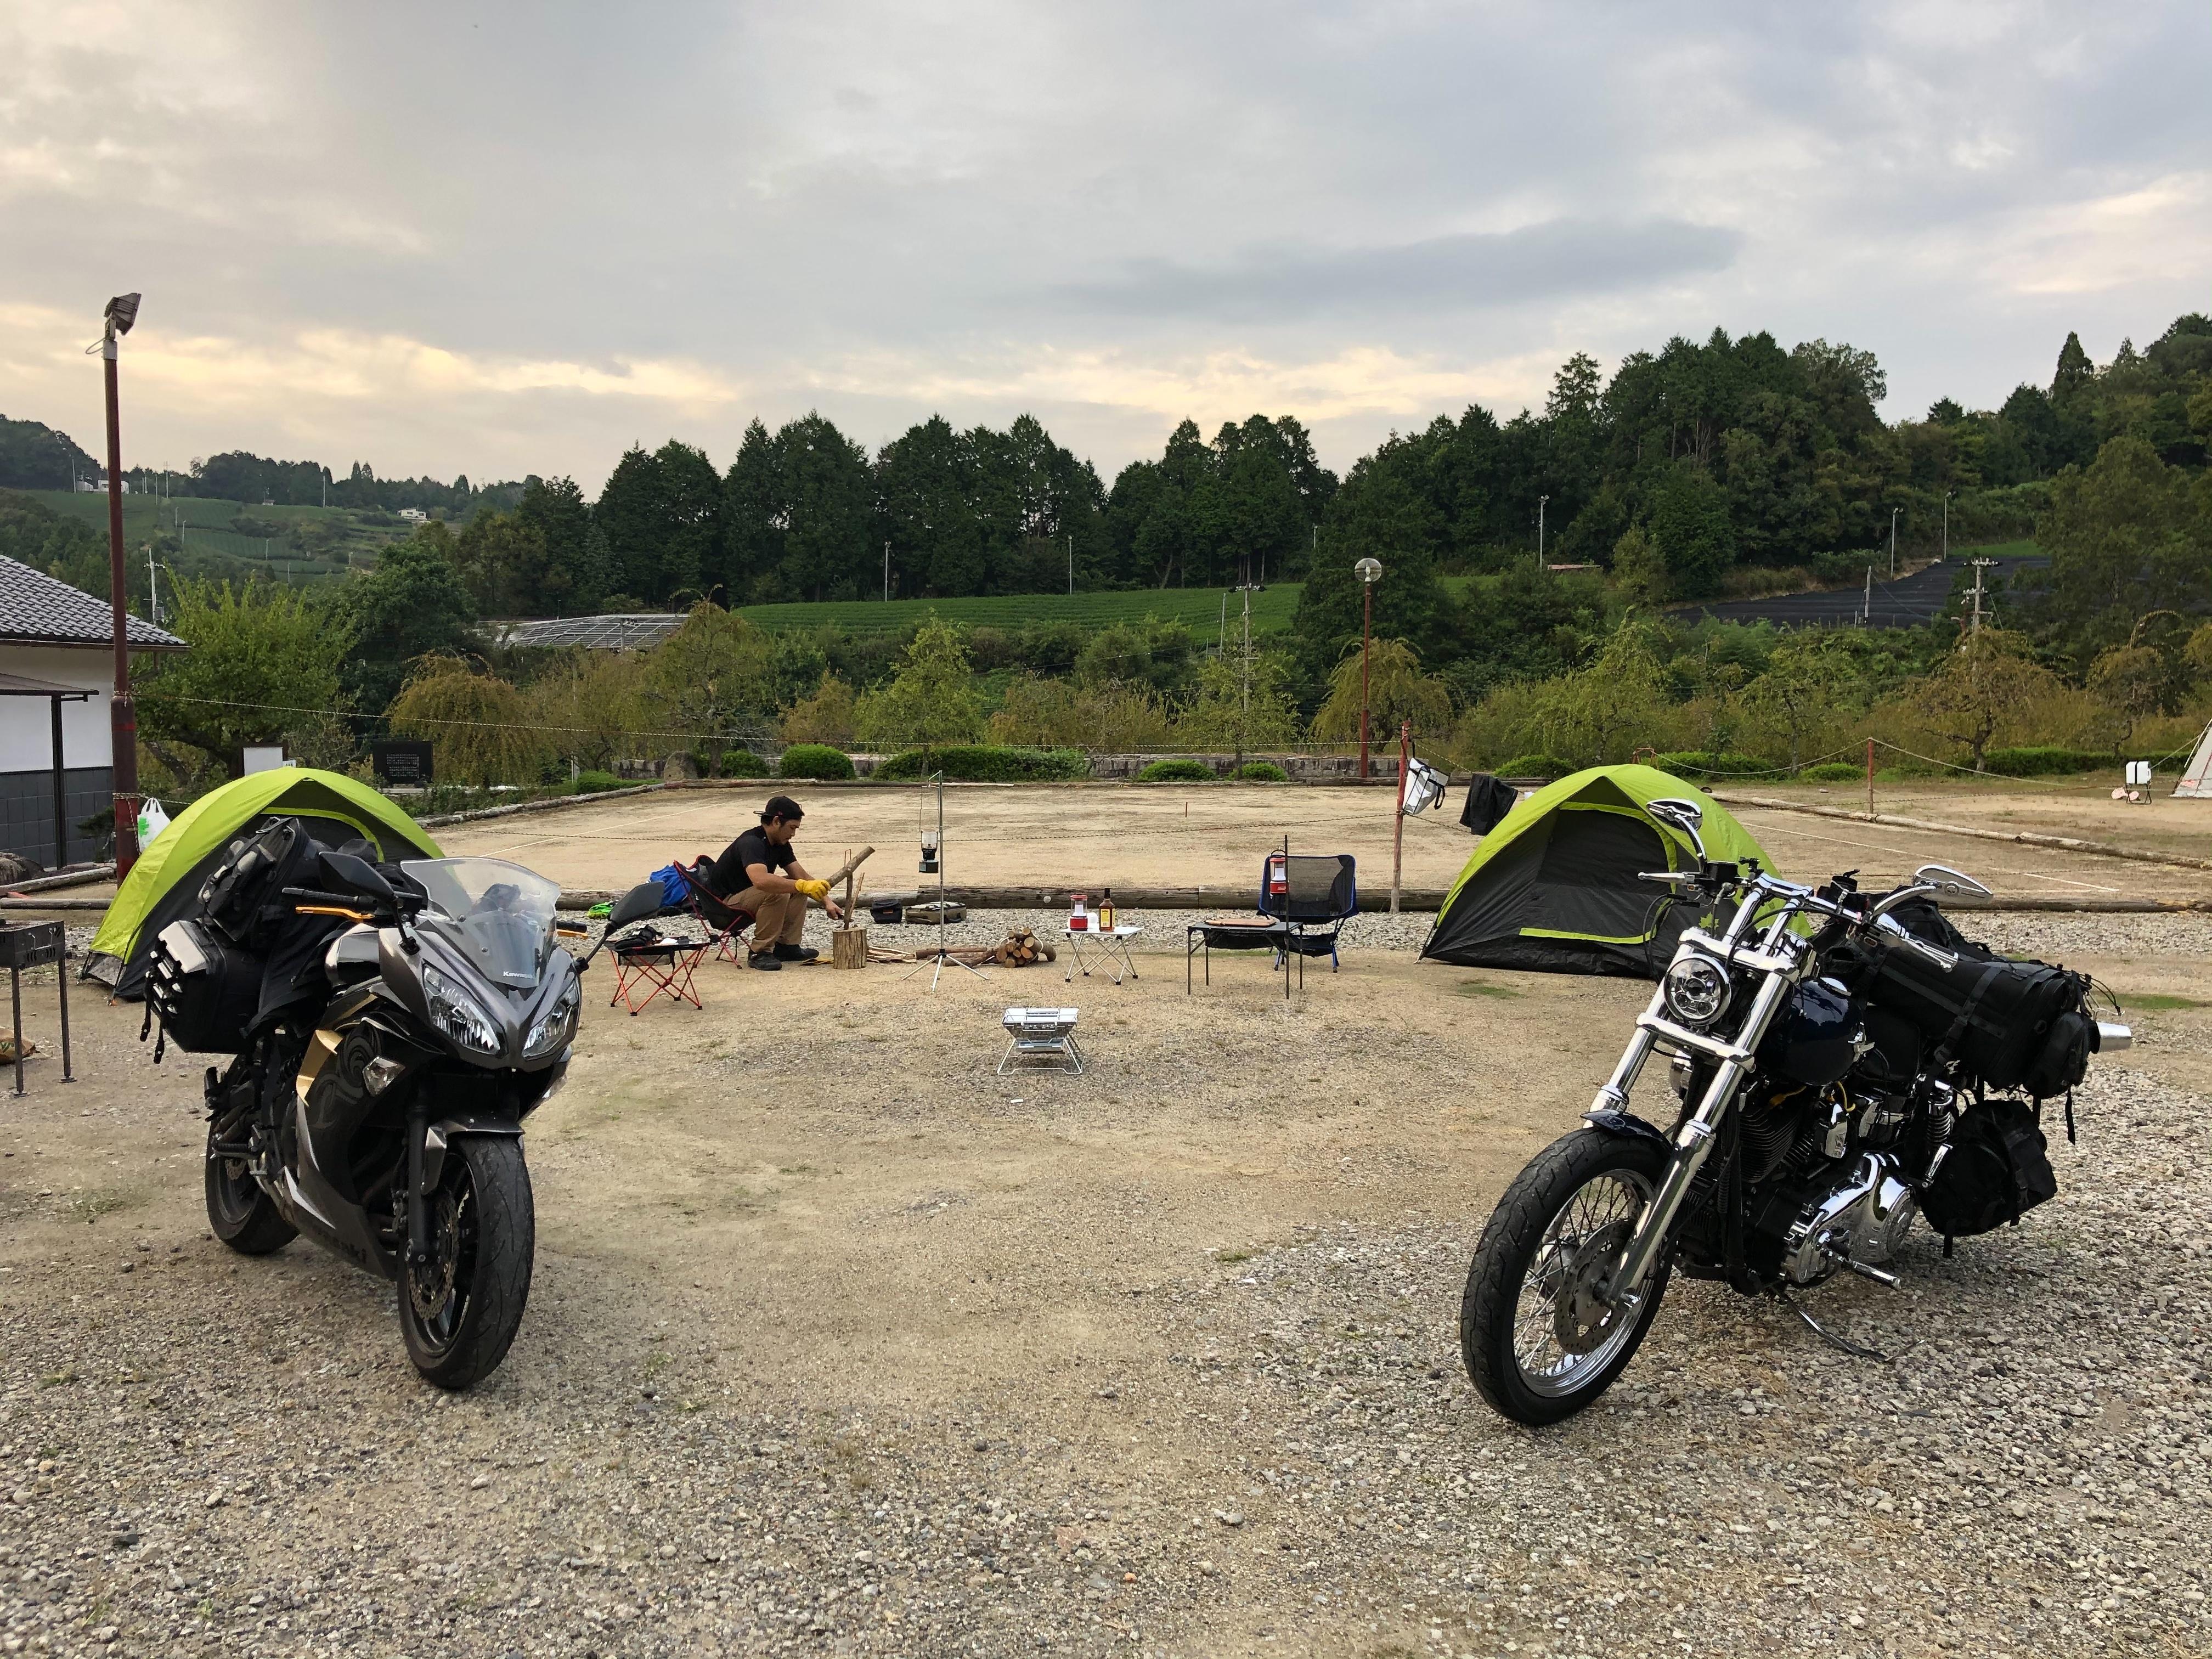 ぴーきちハーレーブログ ロマントピア月ケ瀬 キャンプ場 キャンプサイト